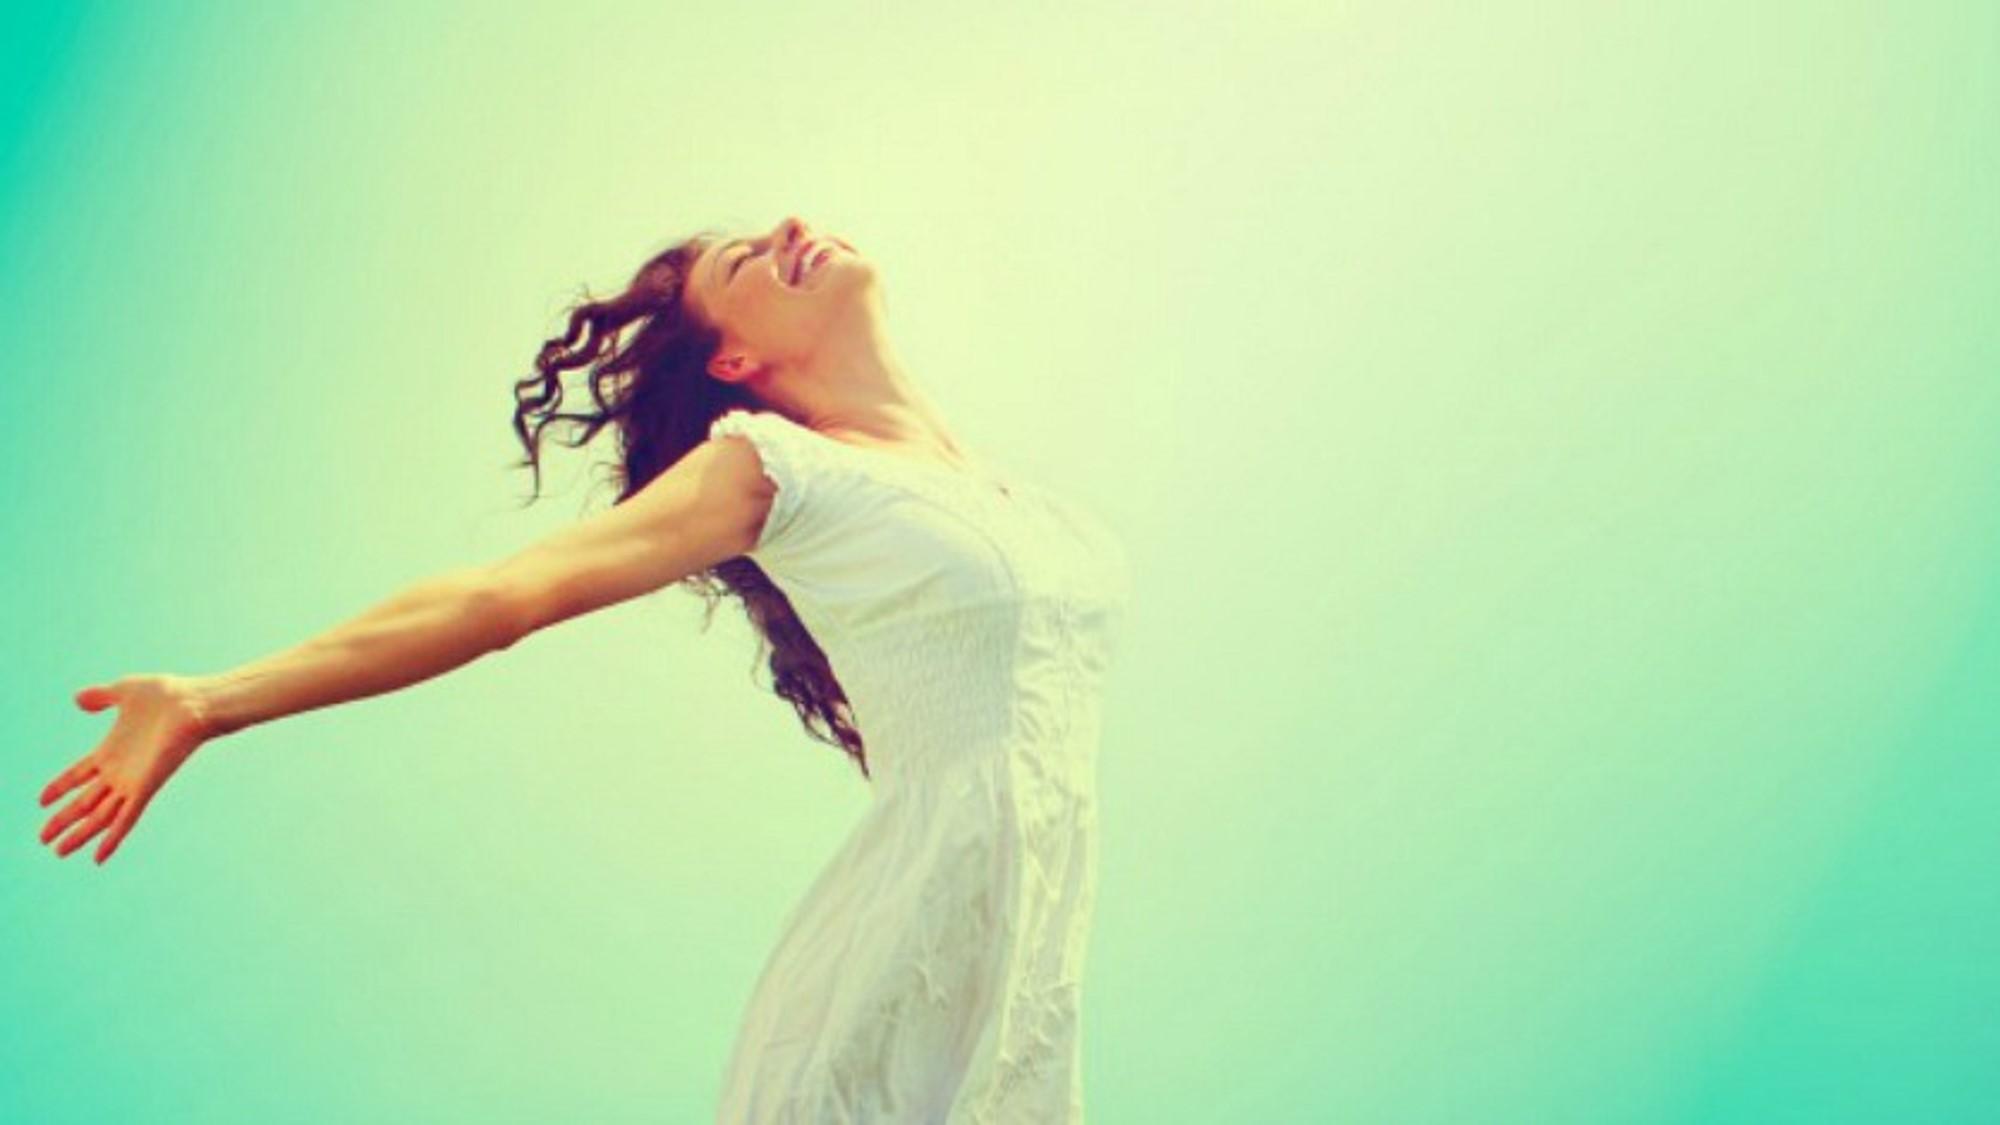 mujer abre los brazos para calmar la ansiedad